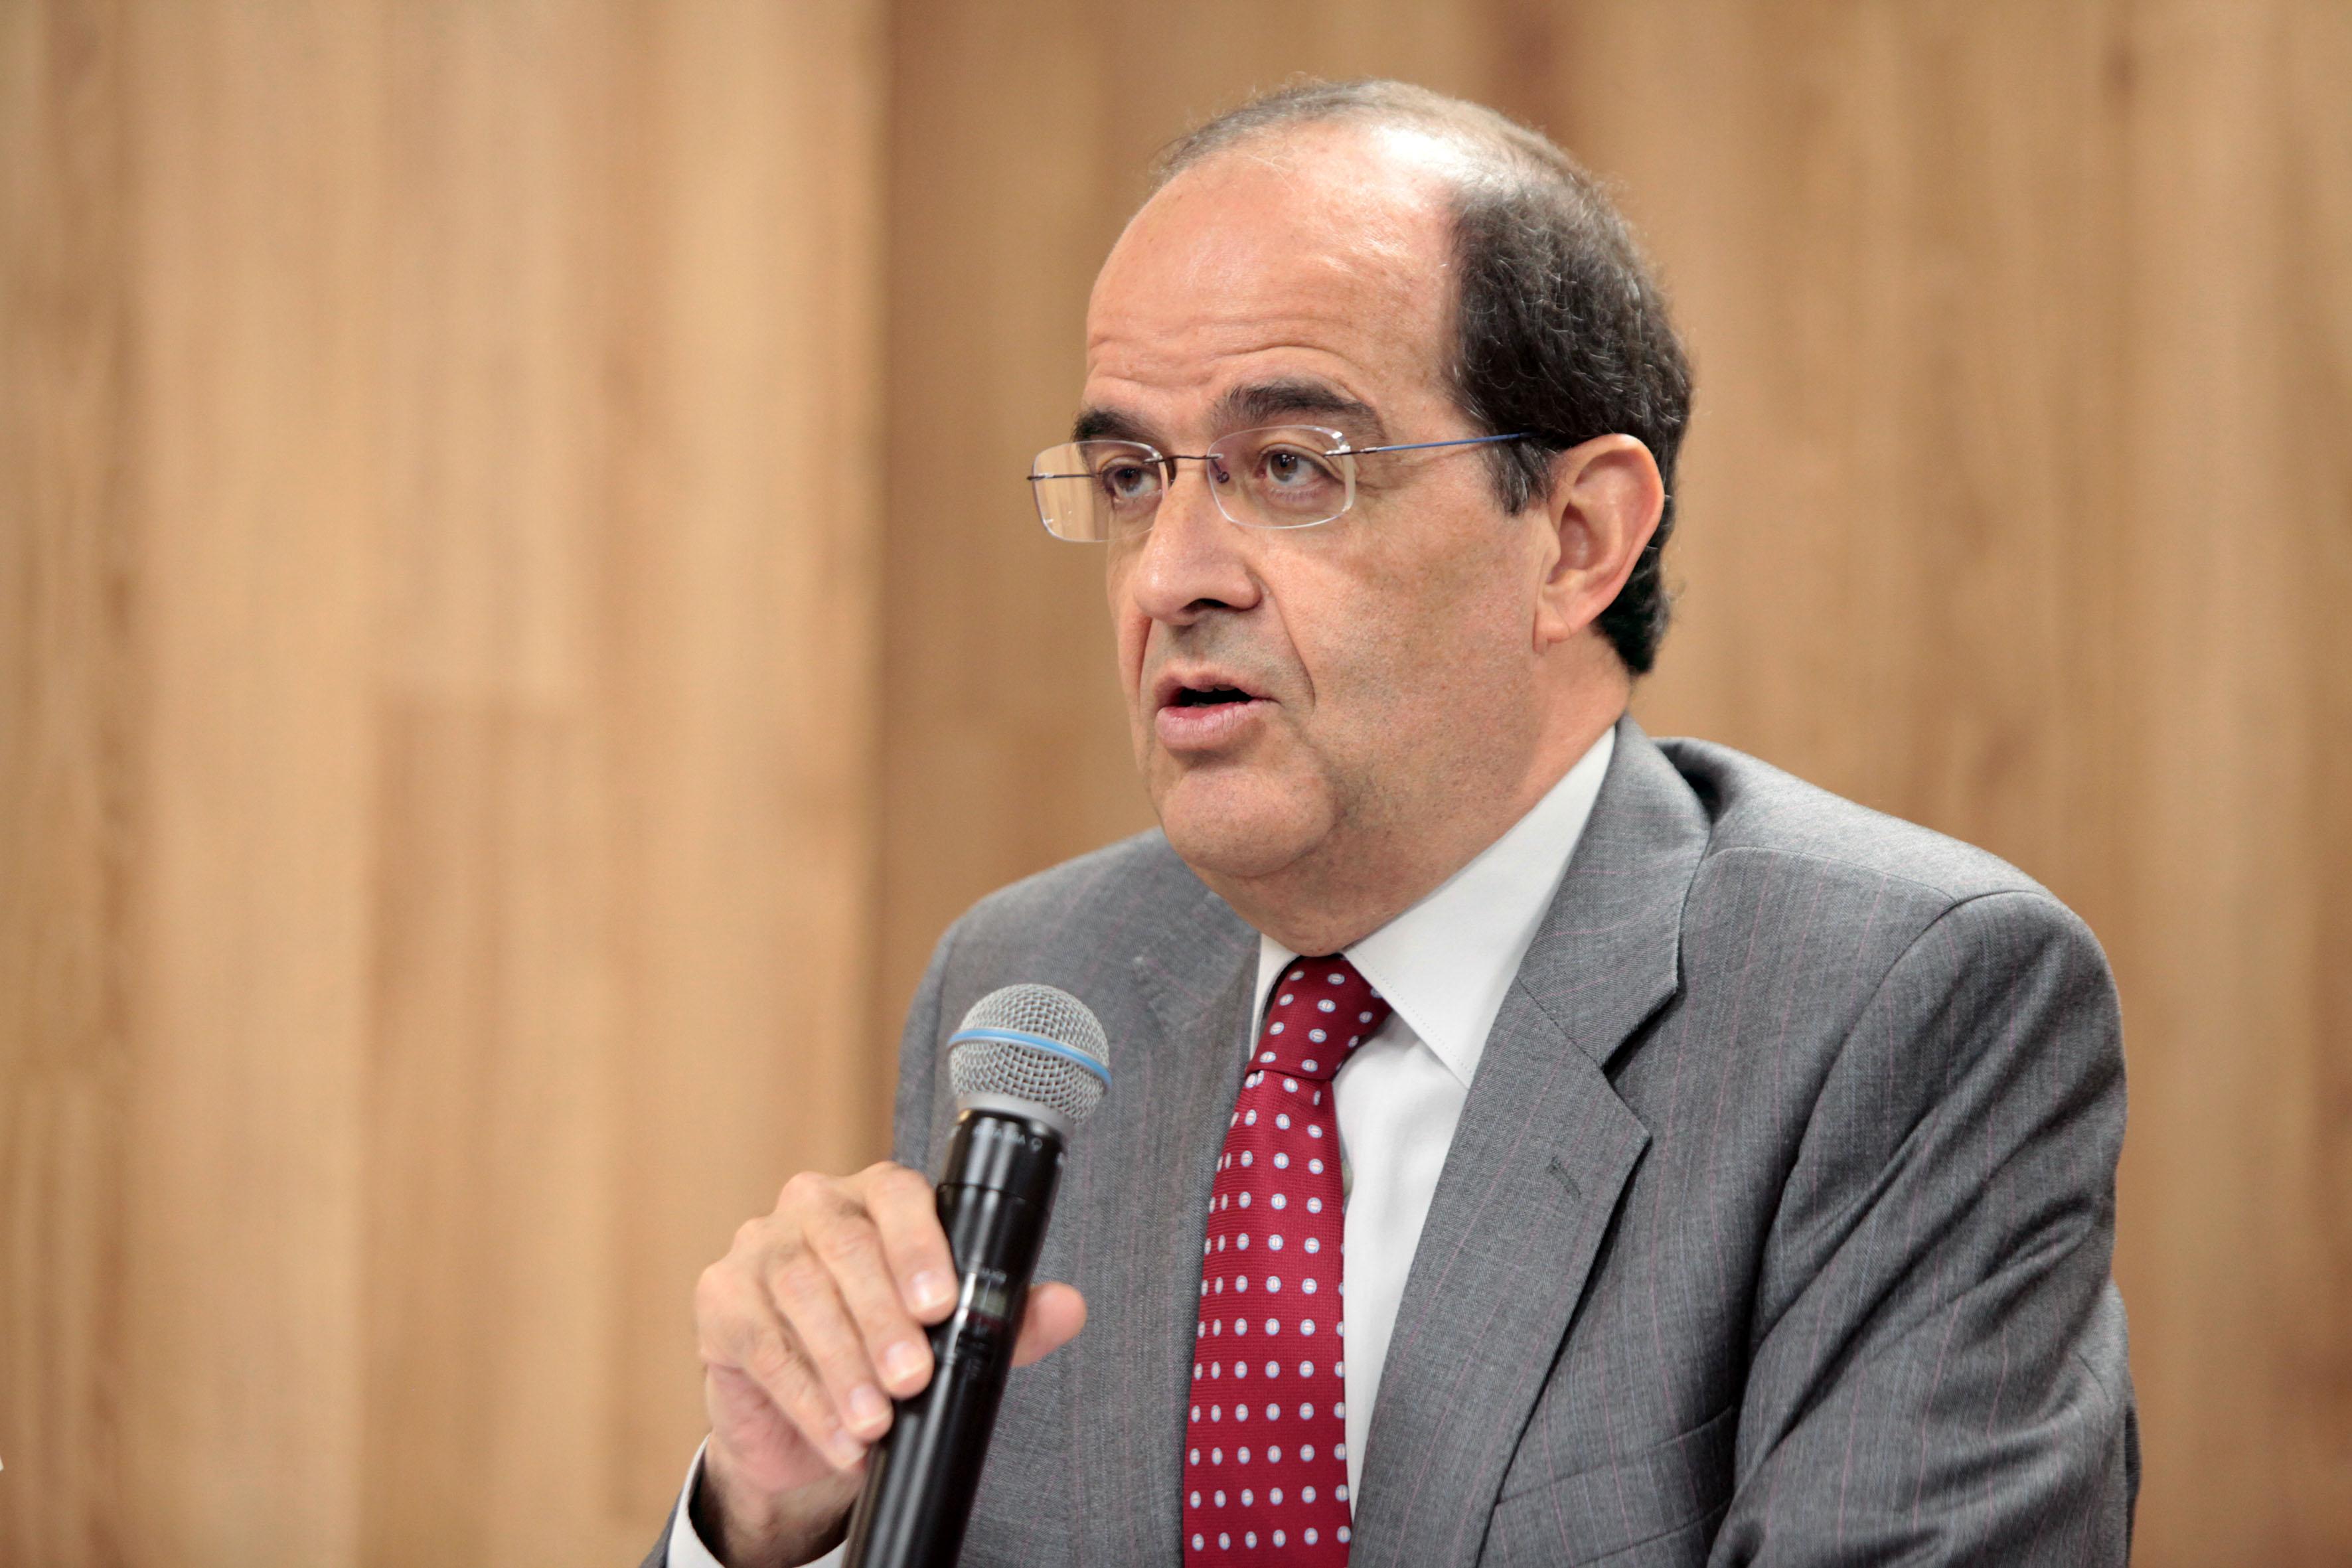 José Luis Piñar Mañas, doctor en derecho por la Universidad Complutense de Madrid.